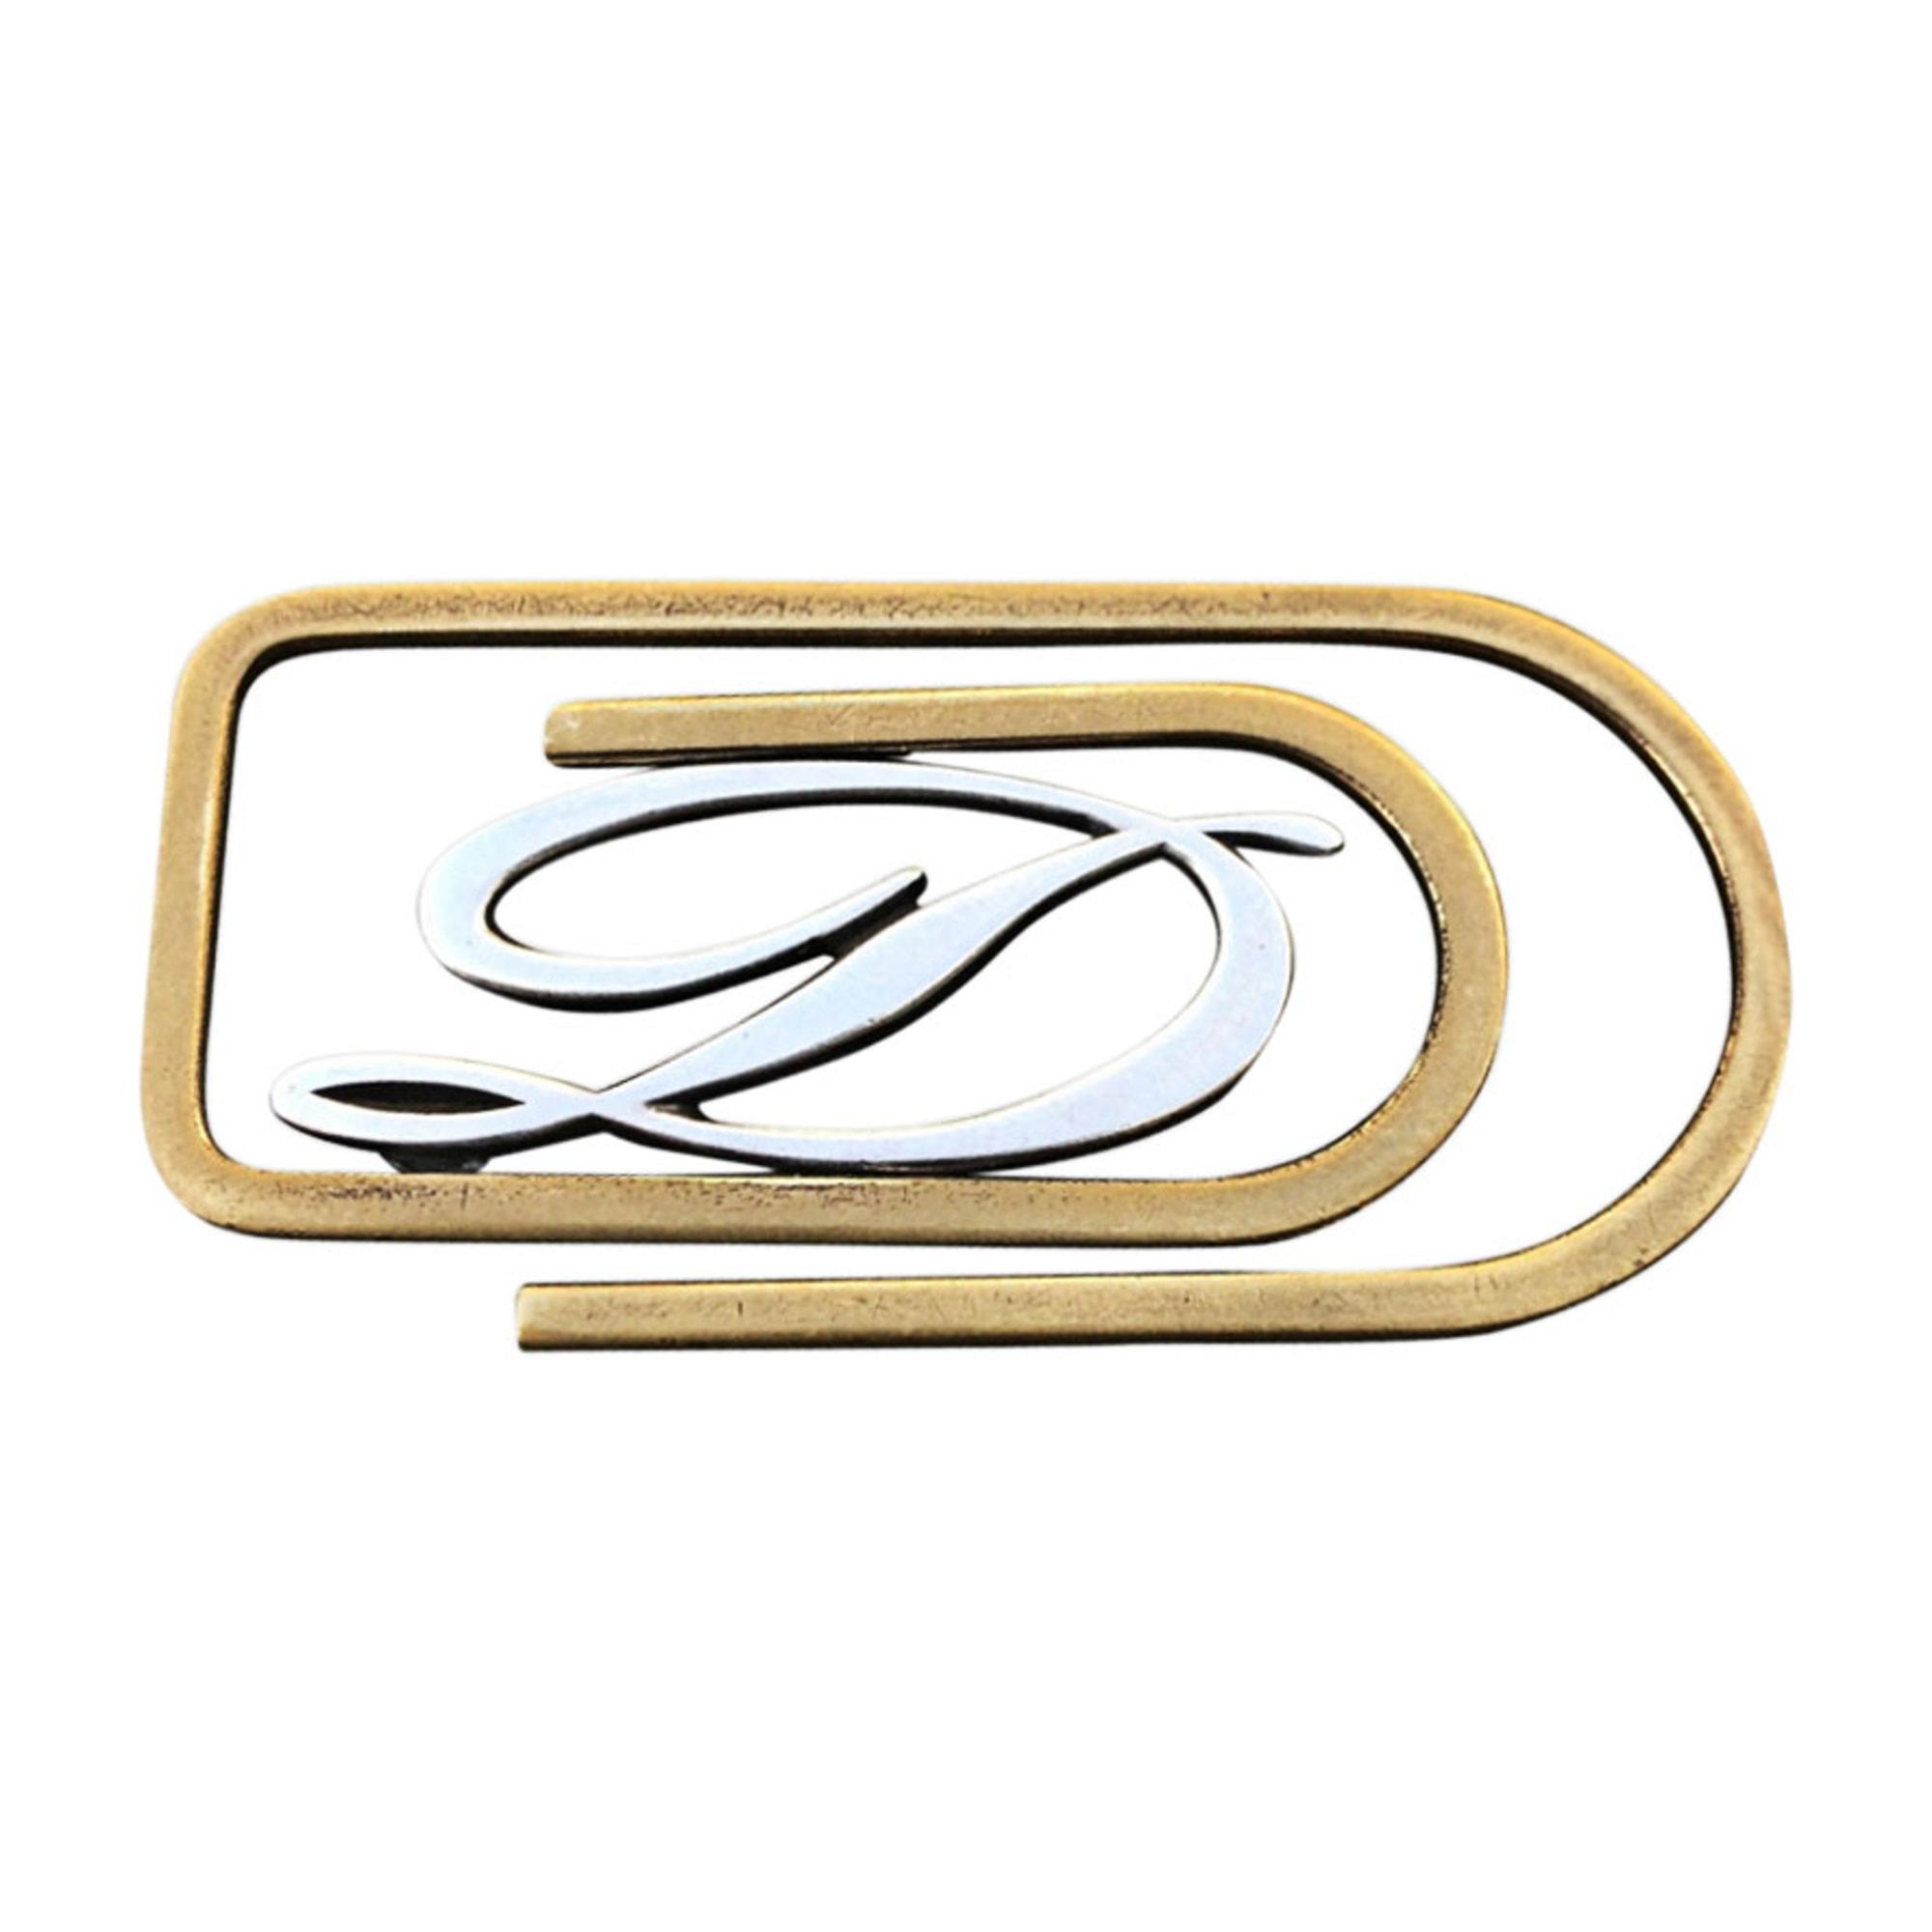 Porte-cartes ST DUPONT plaqué or & argent doré